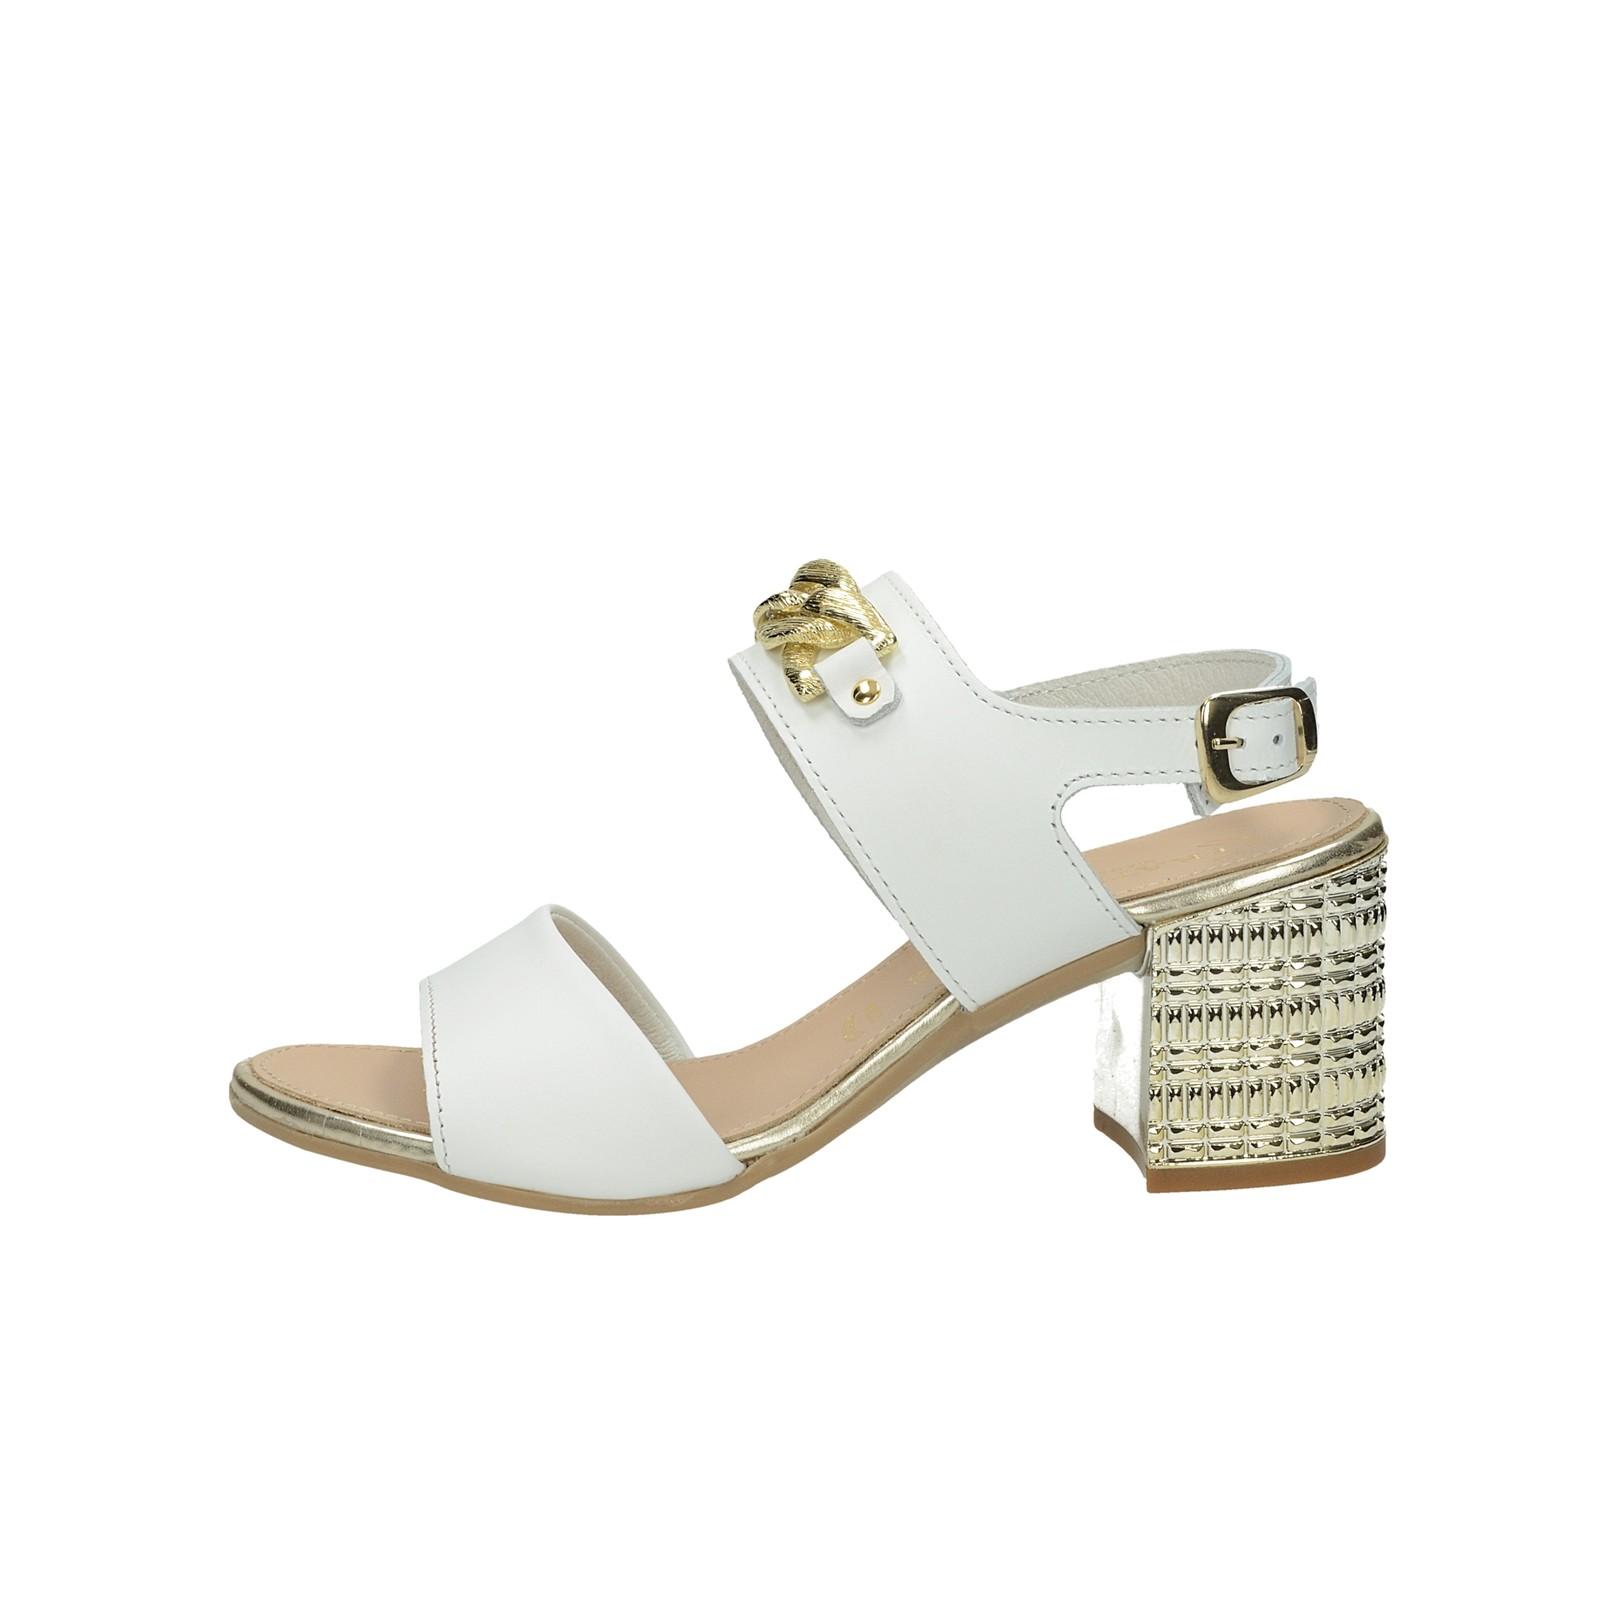 20849bc8b2600 Prativerdi dámske elegantné sandále - biele Prativerdi dámske elegantné  sandále - biele ...